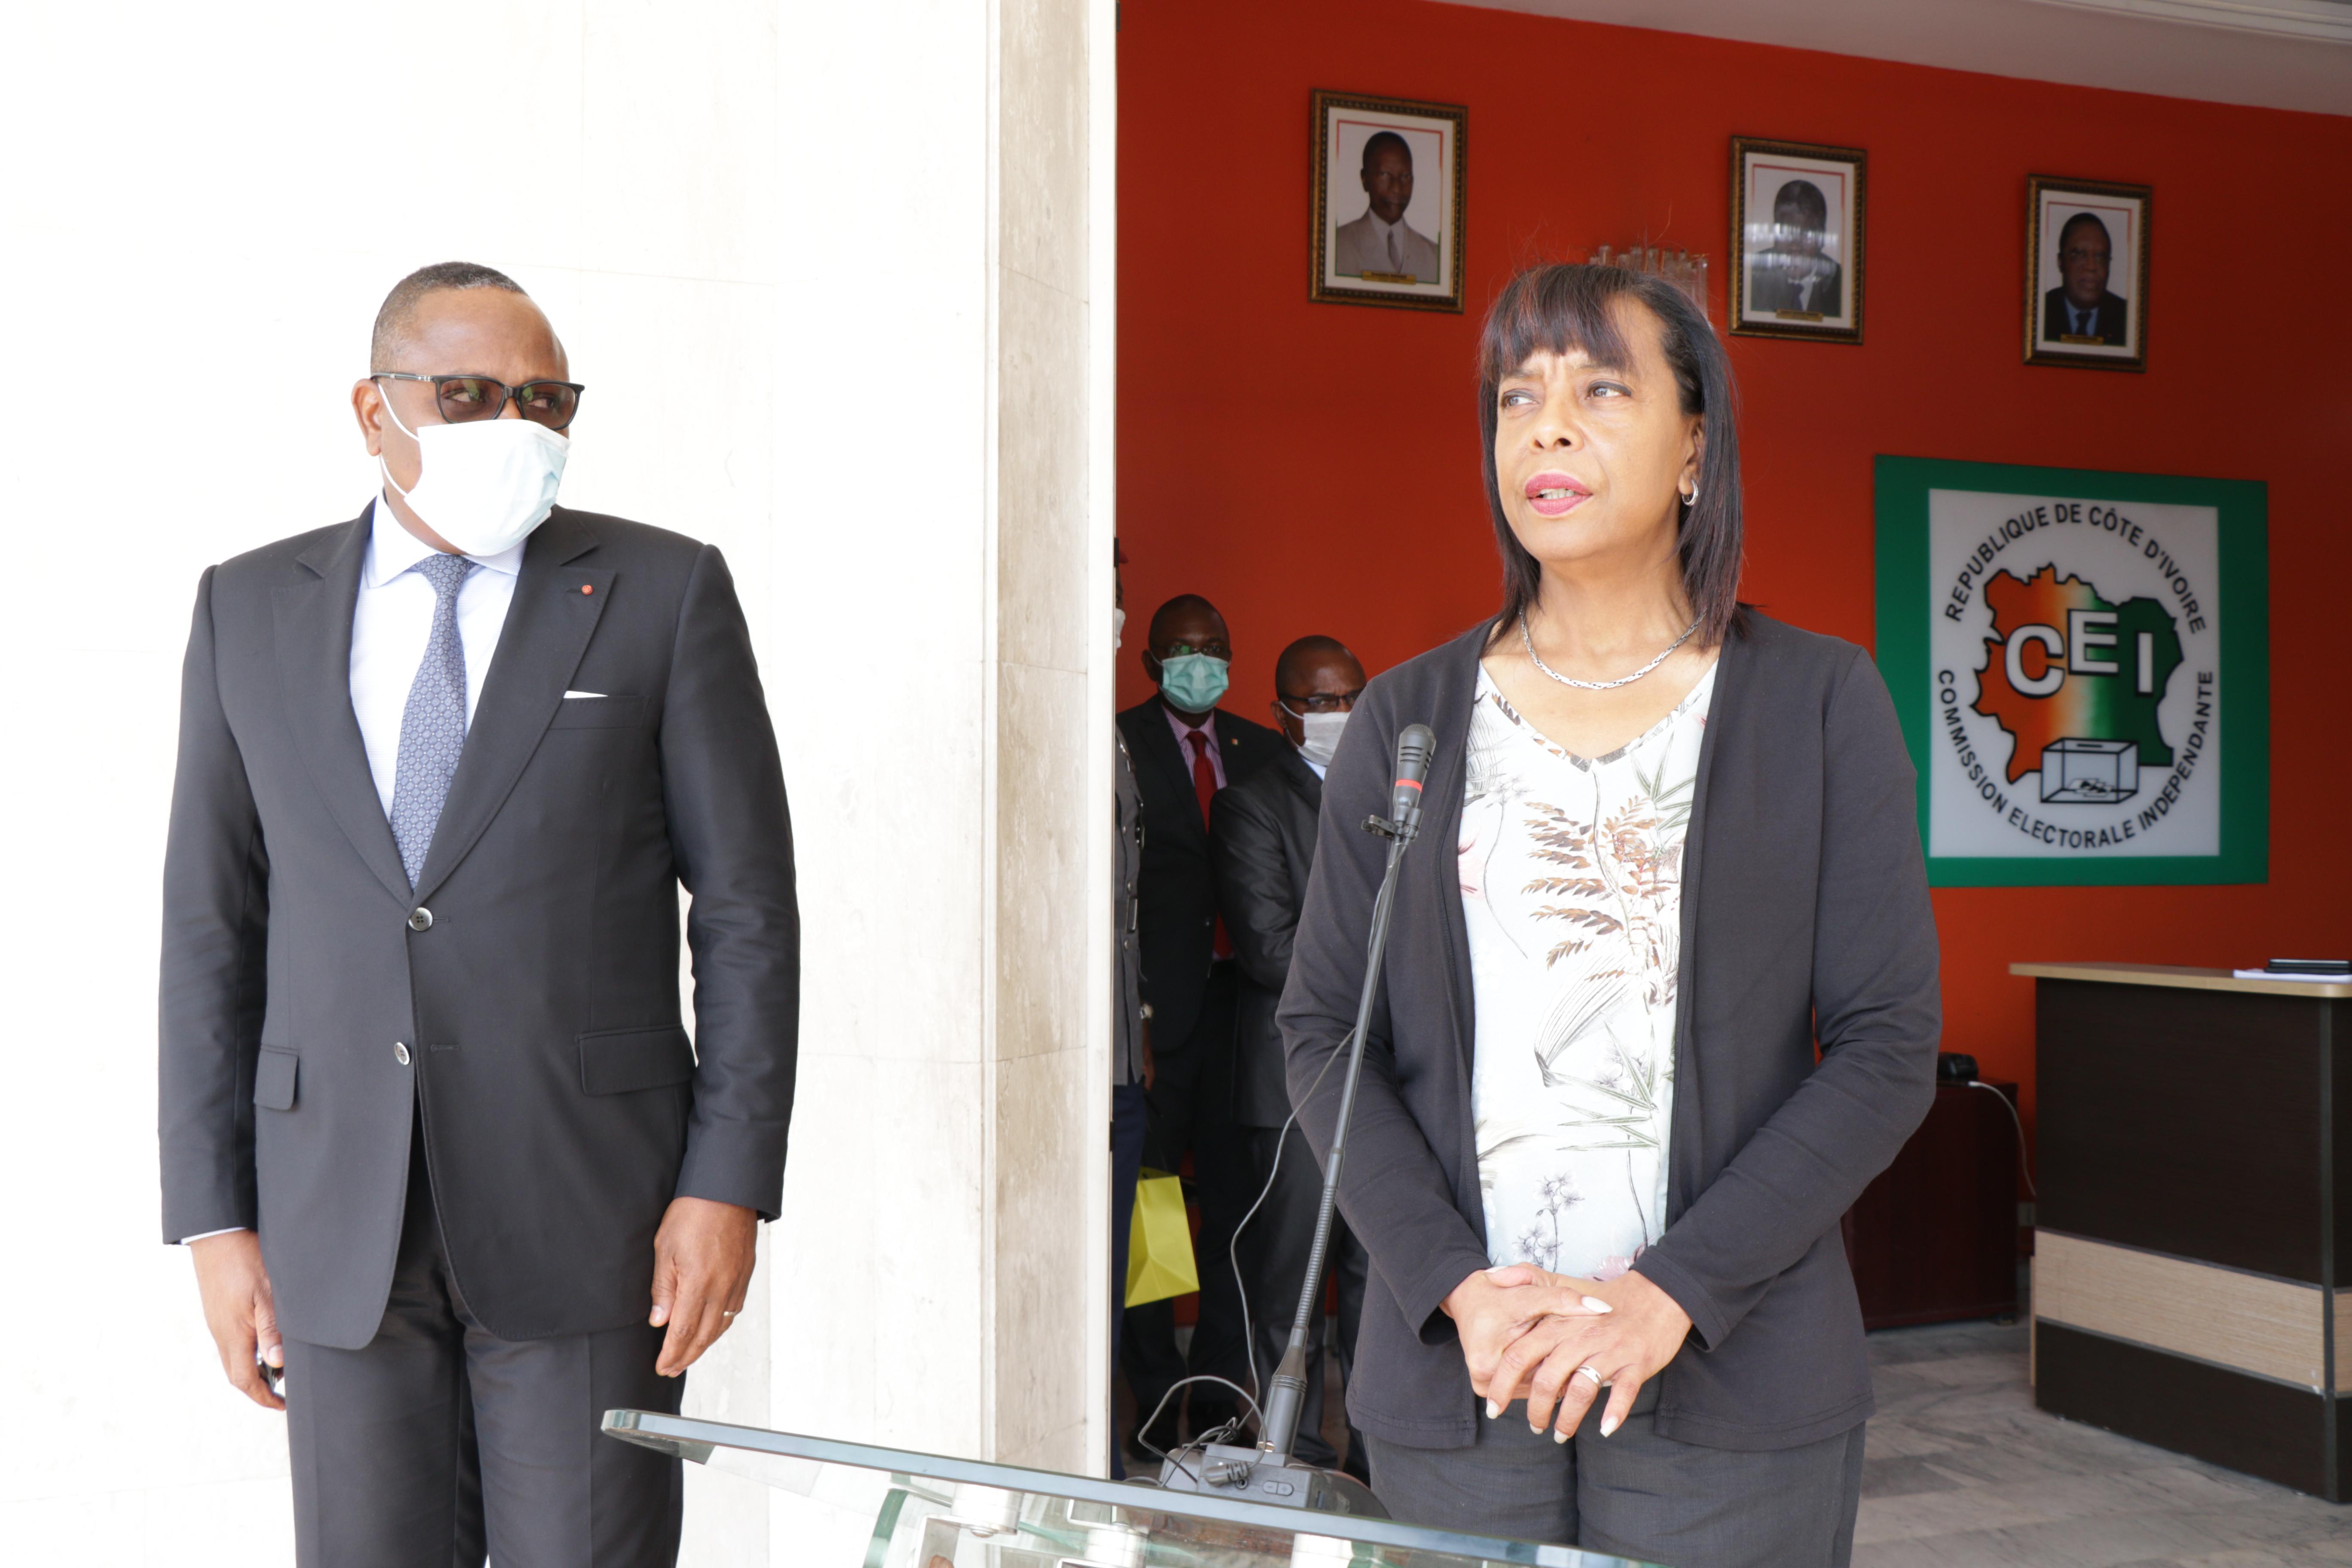 processus-electoral-le-president-de-la-cei-echange-avec-la-nouvelle-representante-du-pnud-en-cote-divoire